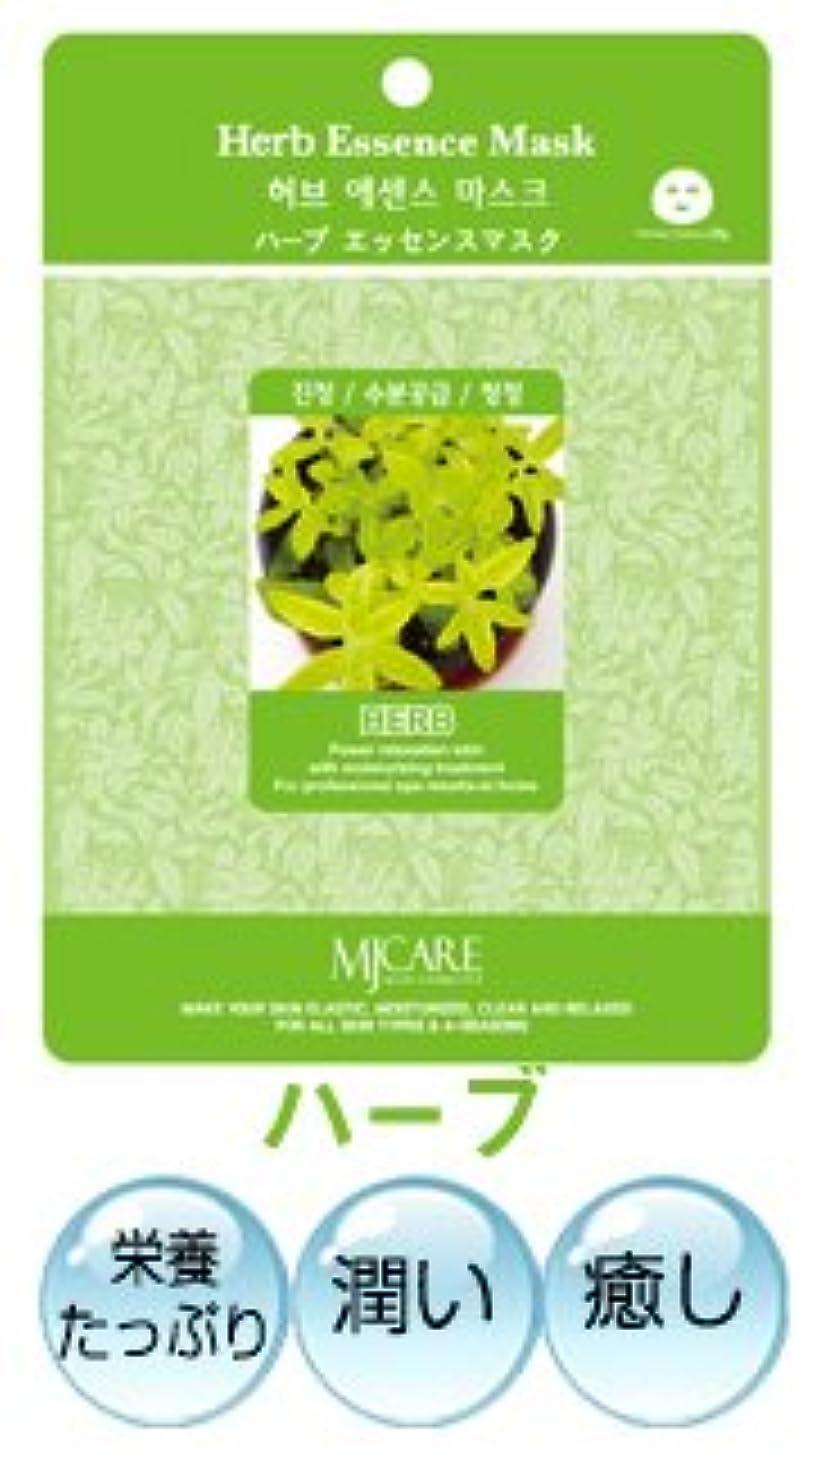 ジョイント選ぶありふれた★マスク部門売上NO.1★美人 シートマスク(ハーブエッセンスマスク)【30枚パック】- MJ Care(MJケア)